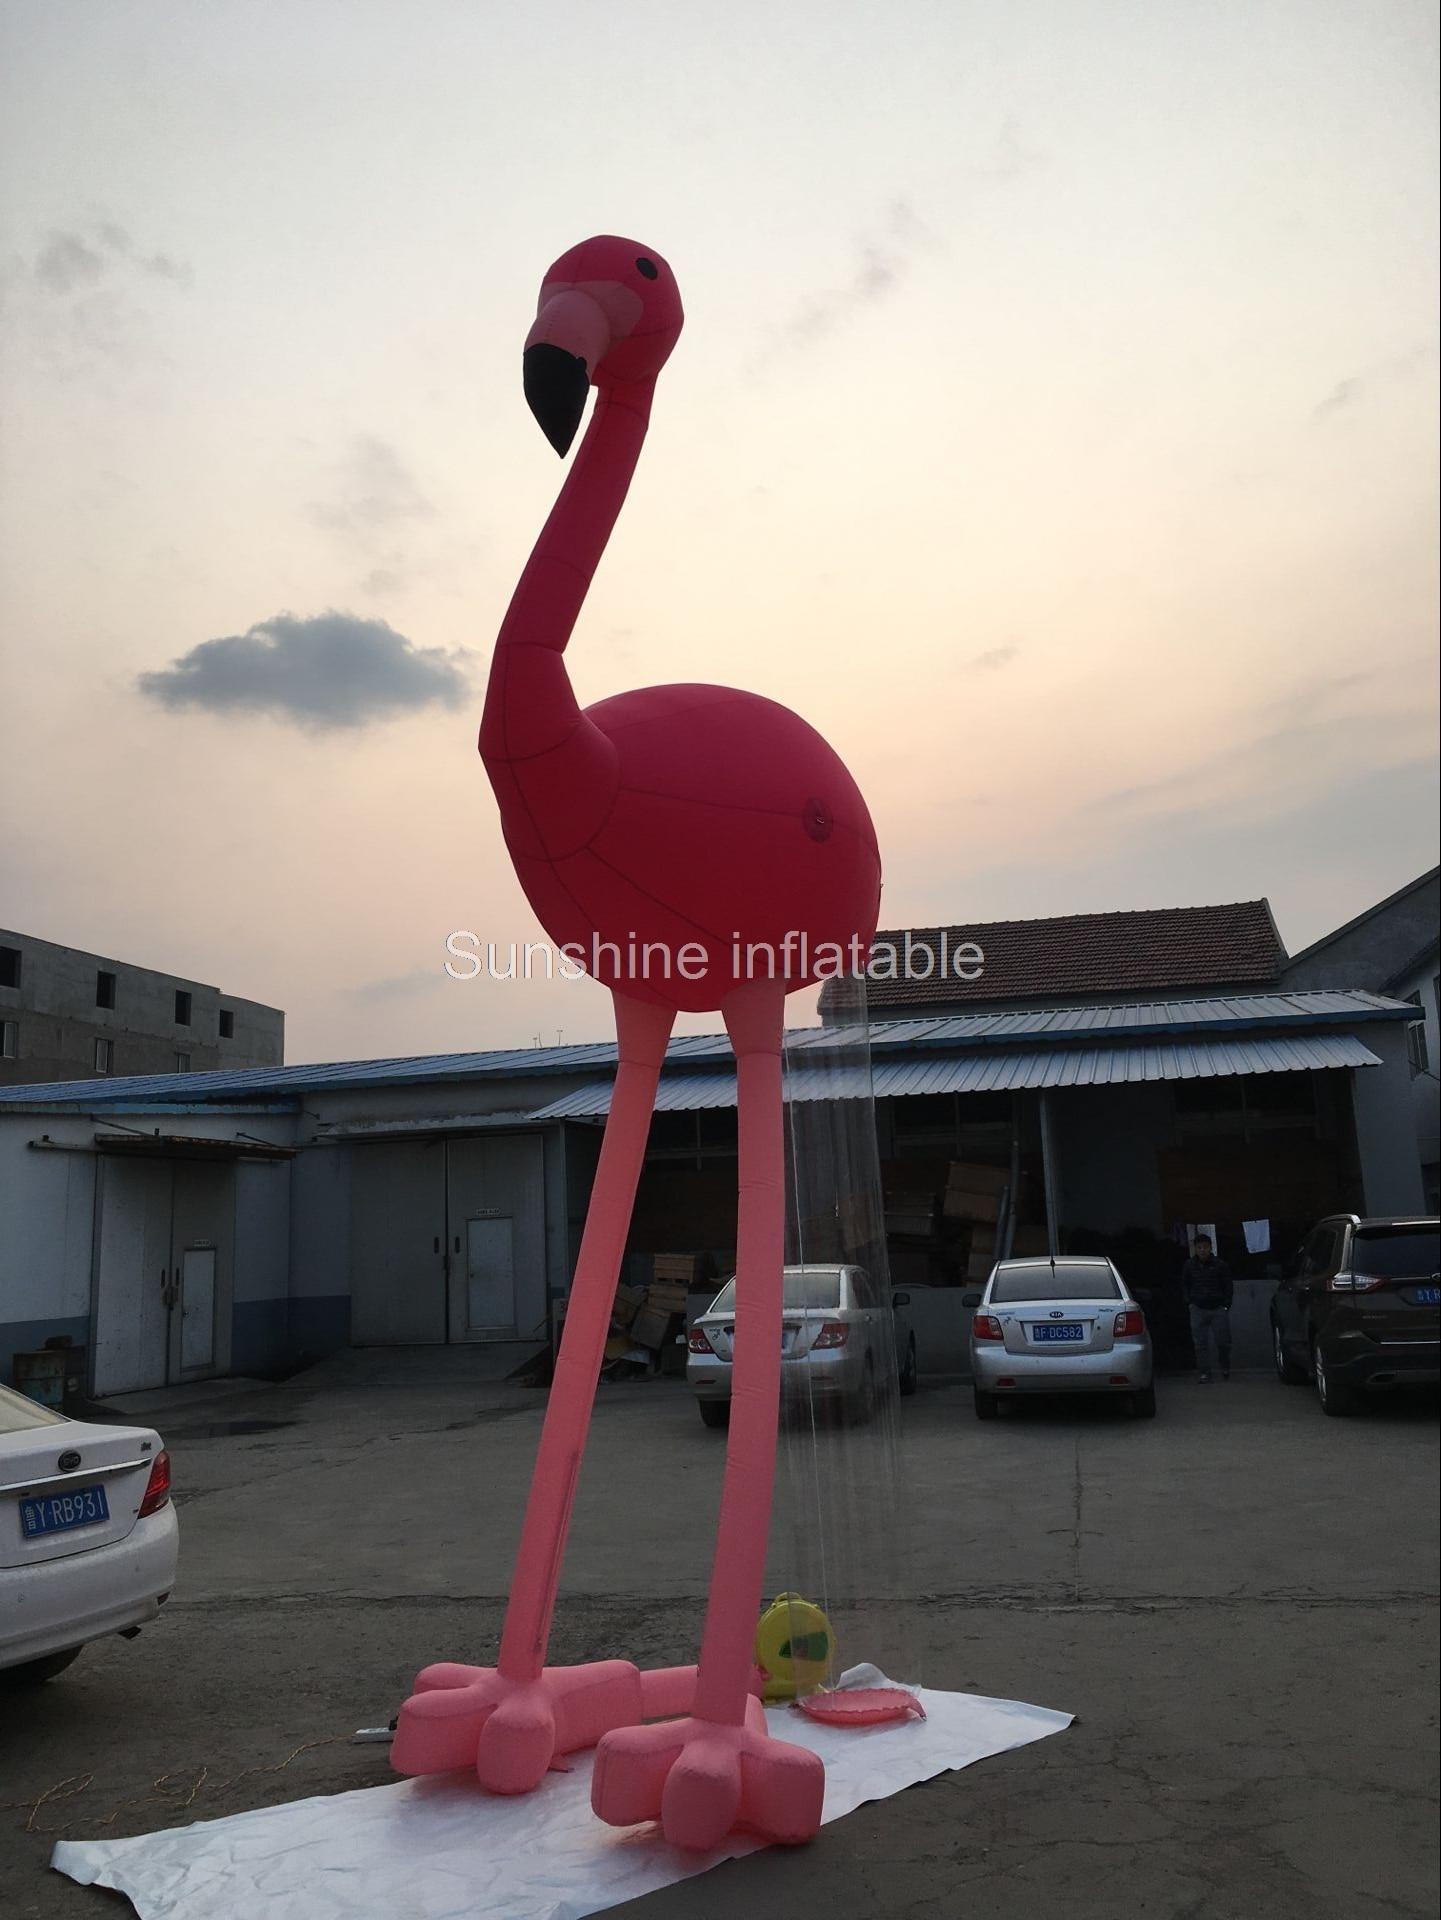 Aangepaste 5mH flamingo opblaasbare opblaasbare vogel met blower N ...